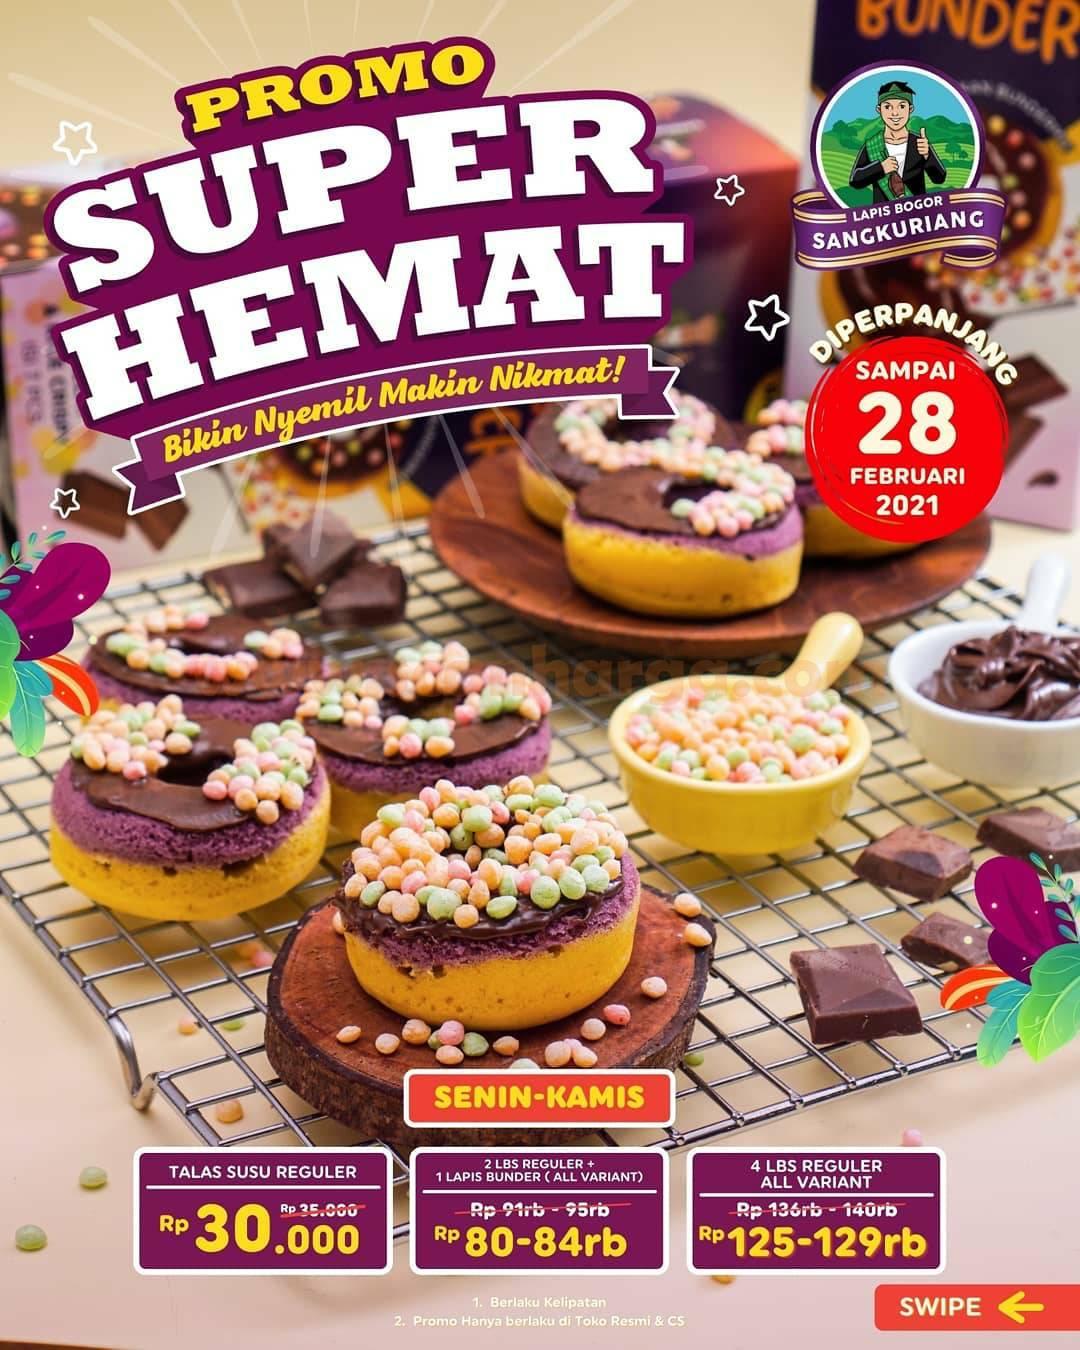 LAPIS BOGOR Promo Paket SUPER HEMAT! harga mulai 30Ribu-an